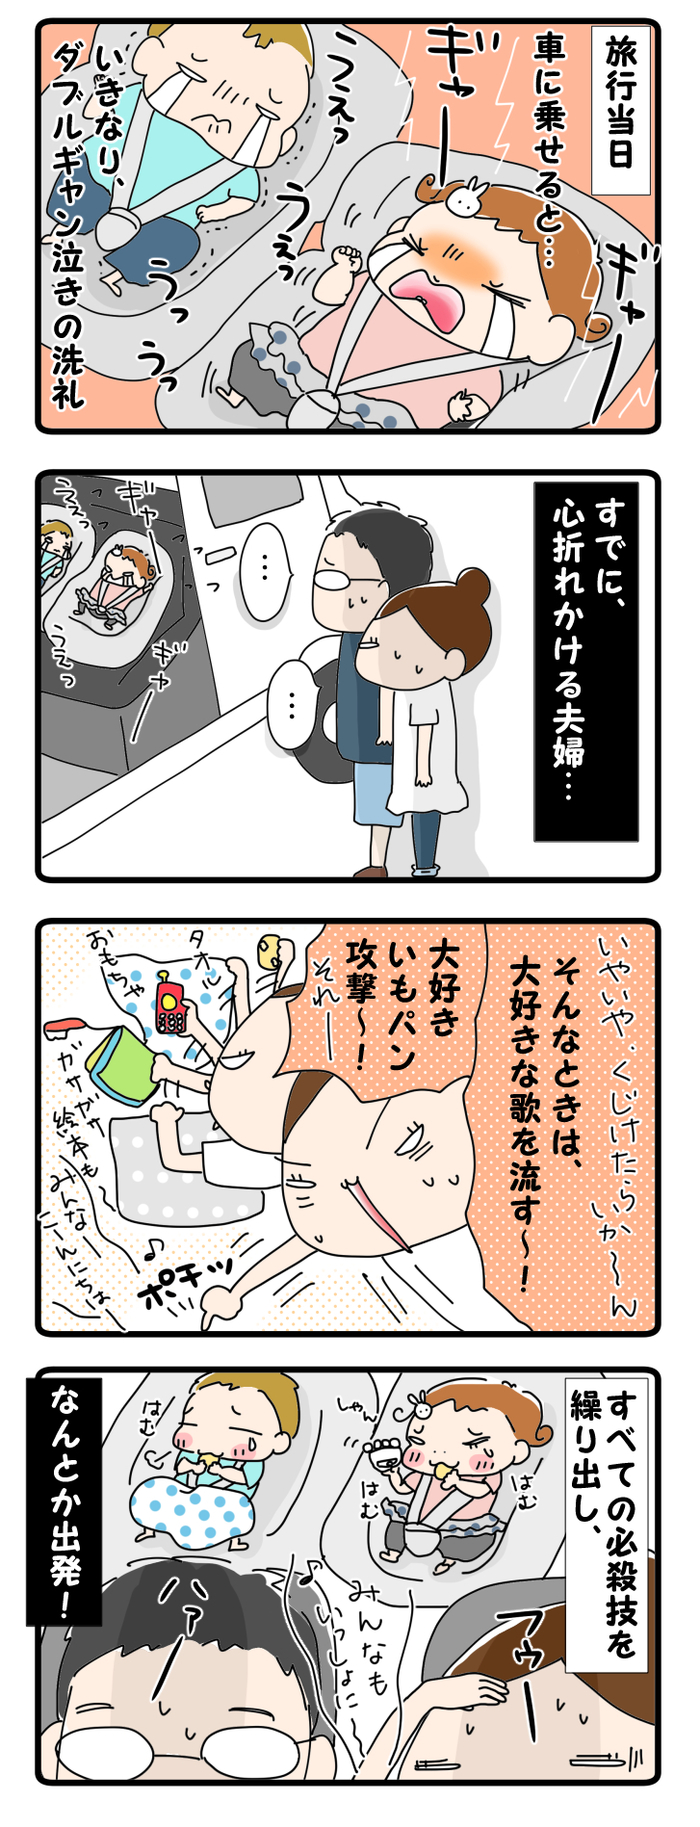 お出かけ時双子がギャン泣き!?必殺技はこれだ…!【No.22】おじゃったもんせ双子 初旅行シリーズ3の画像1